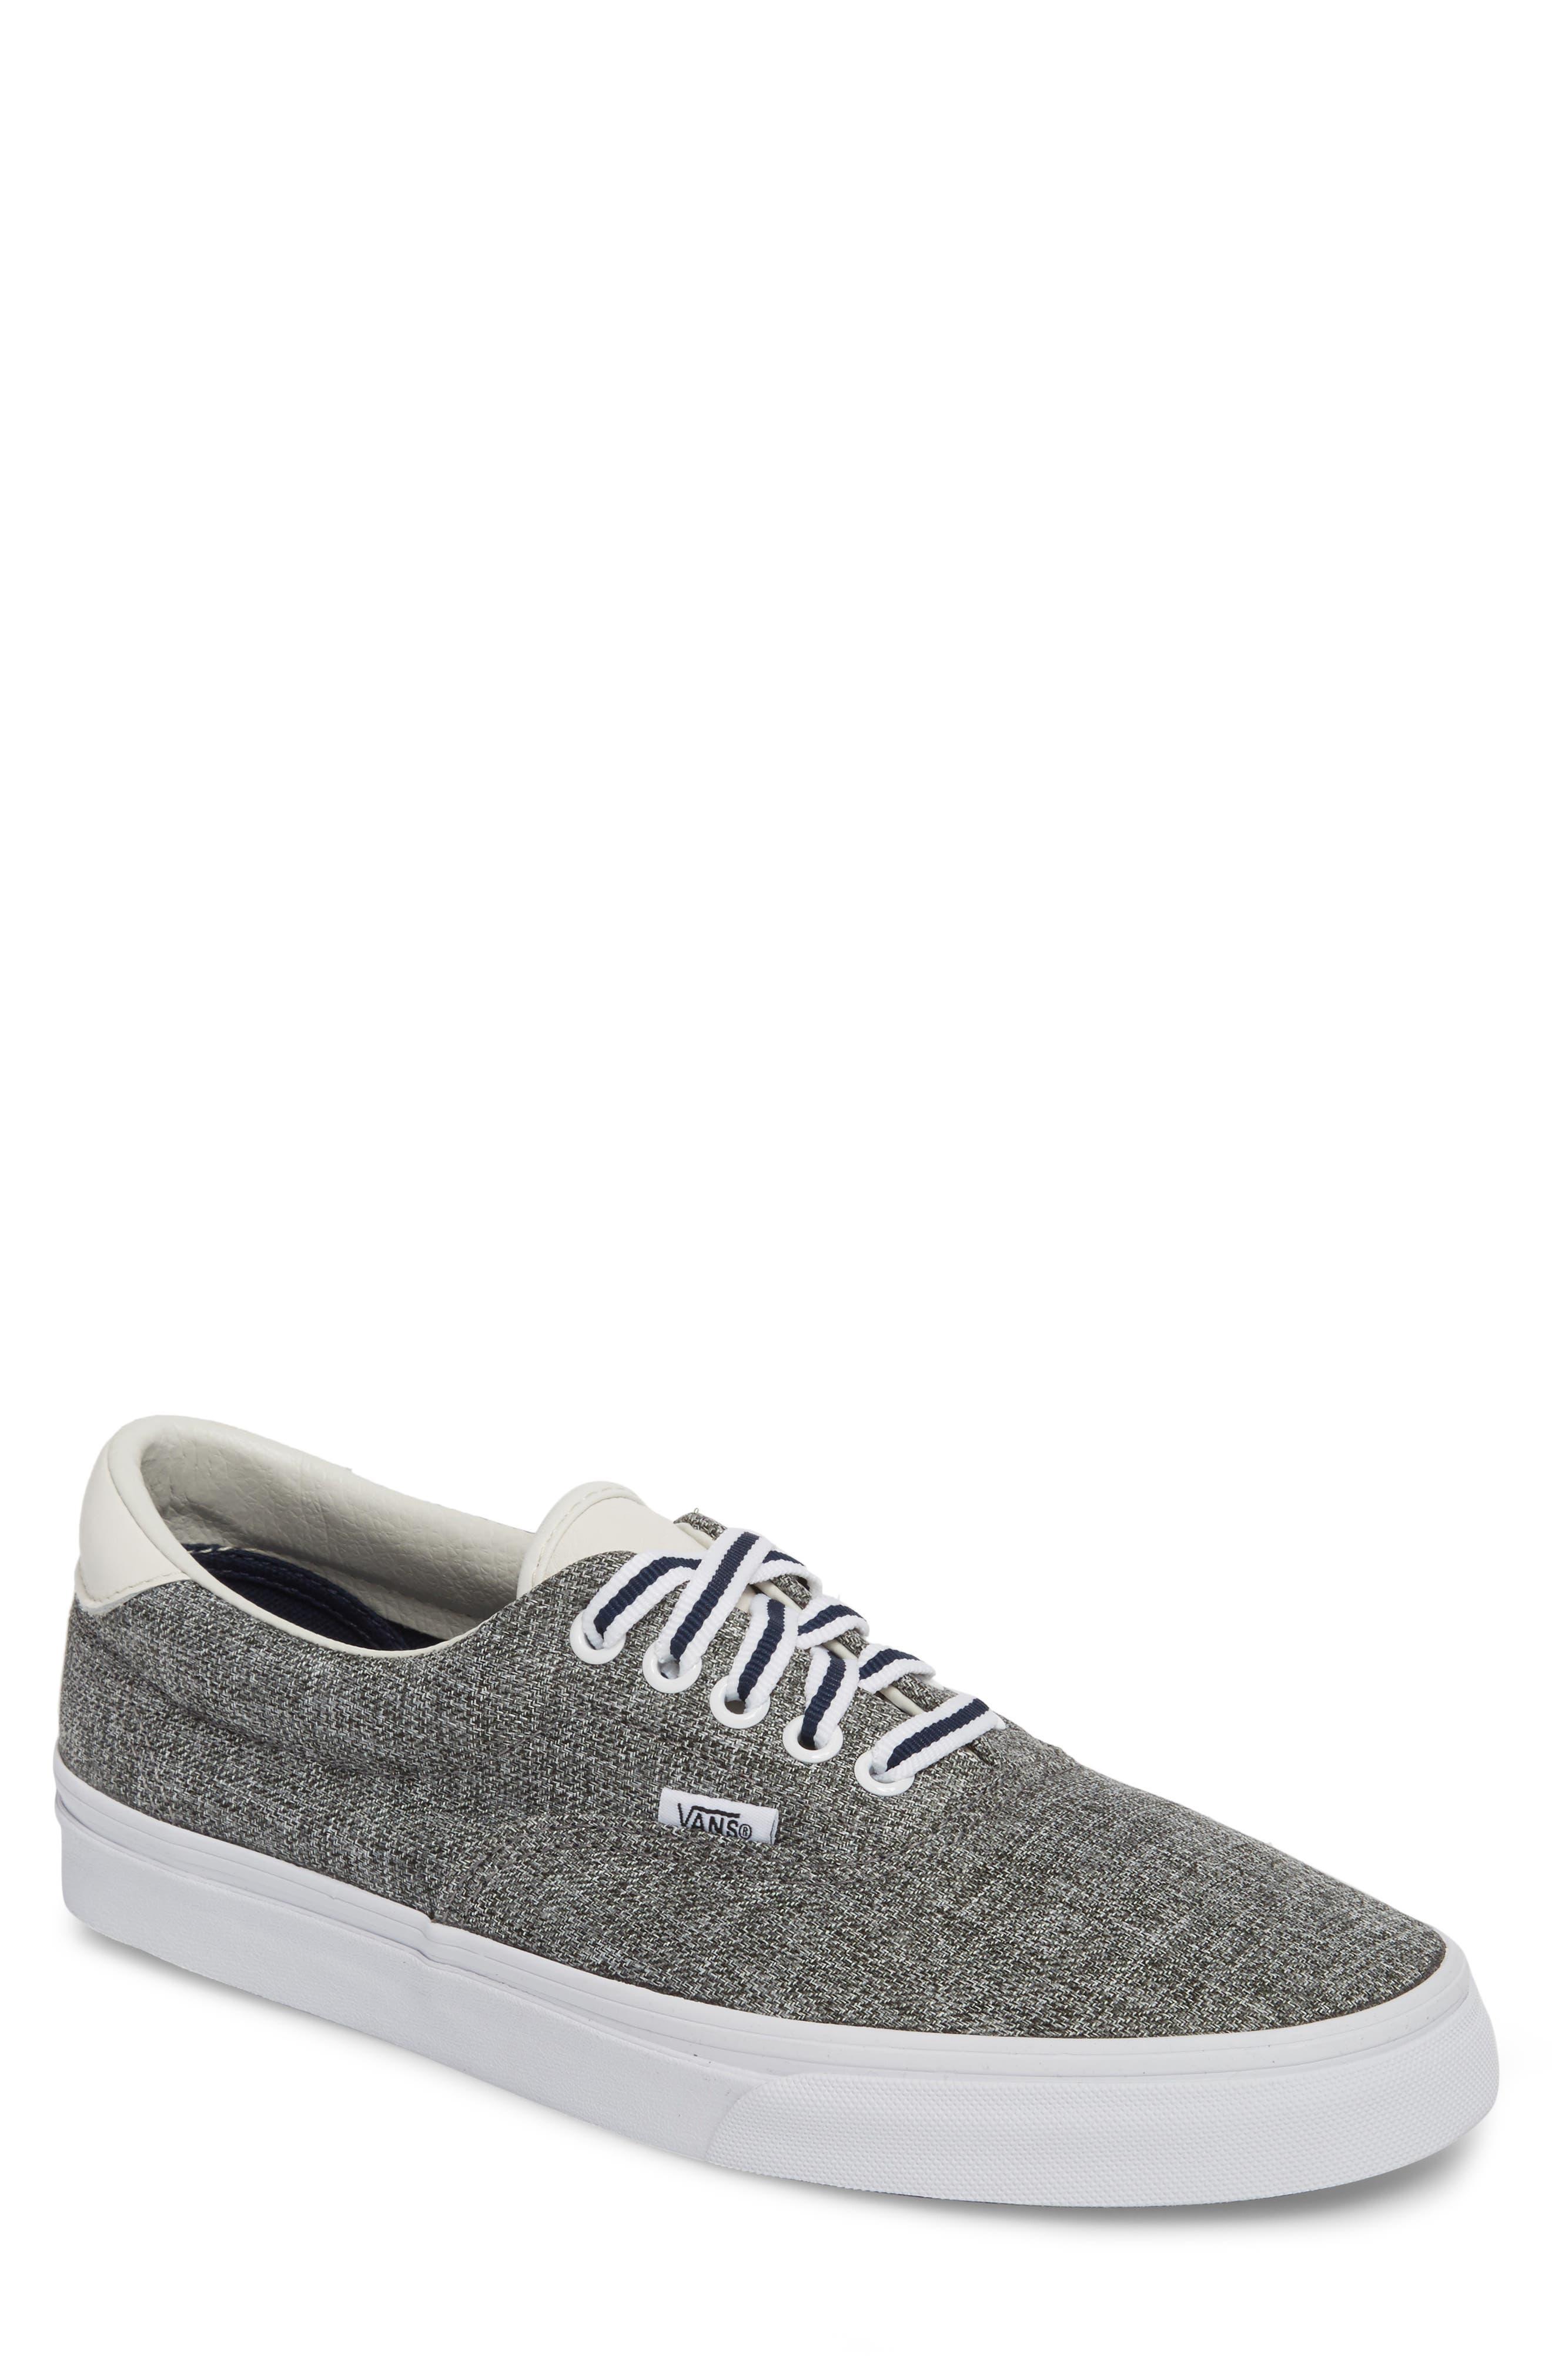 'Era 59' Sneaker,                         Main,                         color, 022